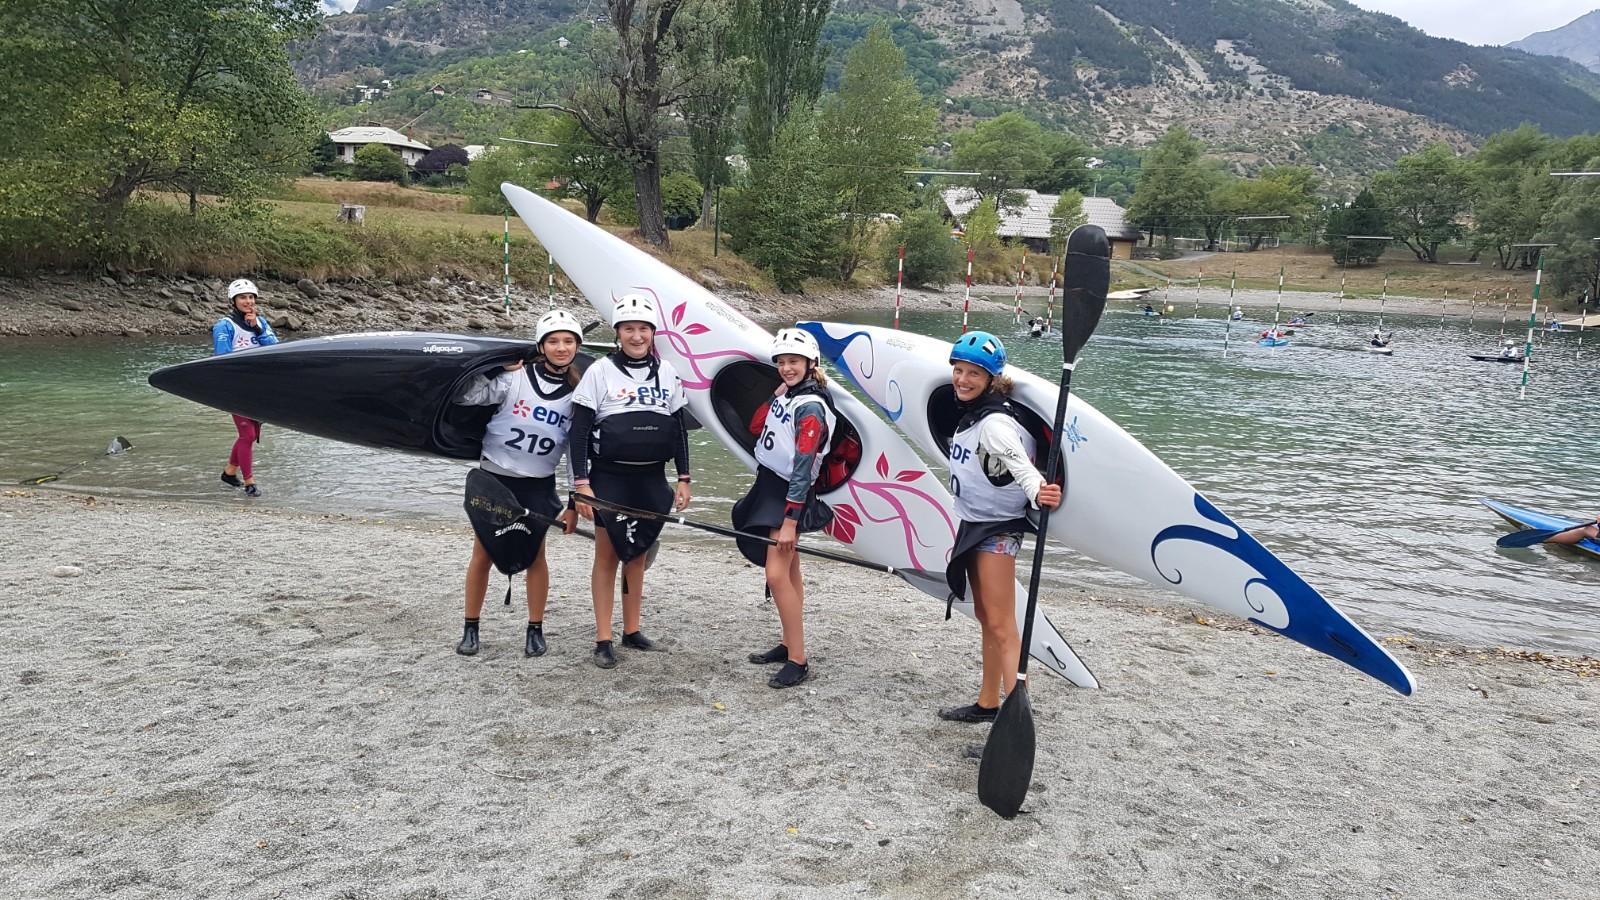 Le club de Canoë-kayak du Loup obtient de bons résultats aux courses régionales de l'Argentière-la-Bessée